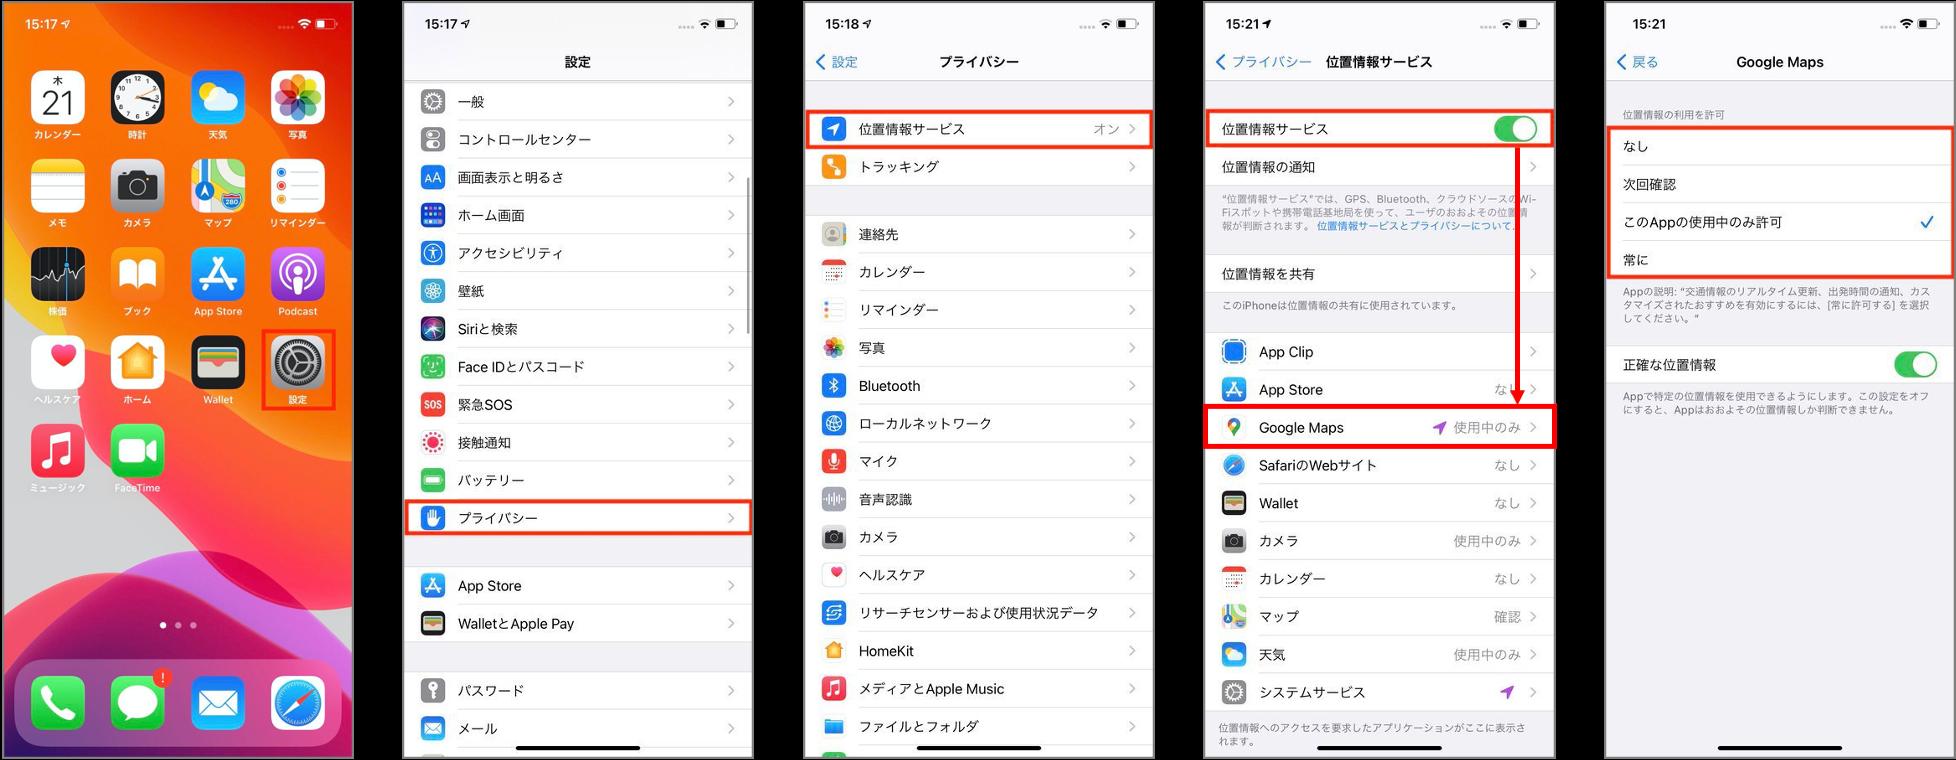 アプリでの位置情報等のデータ送信拒否iOSの場合